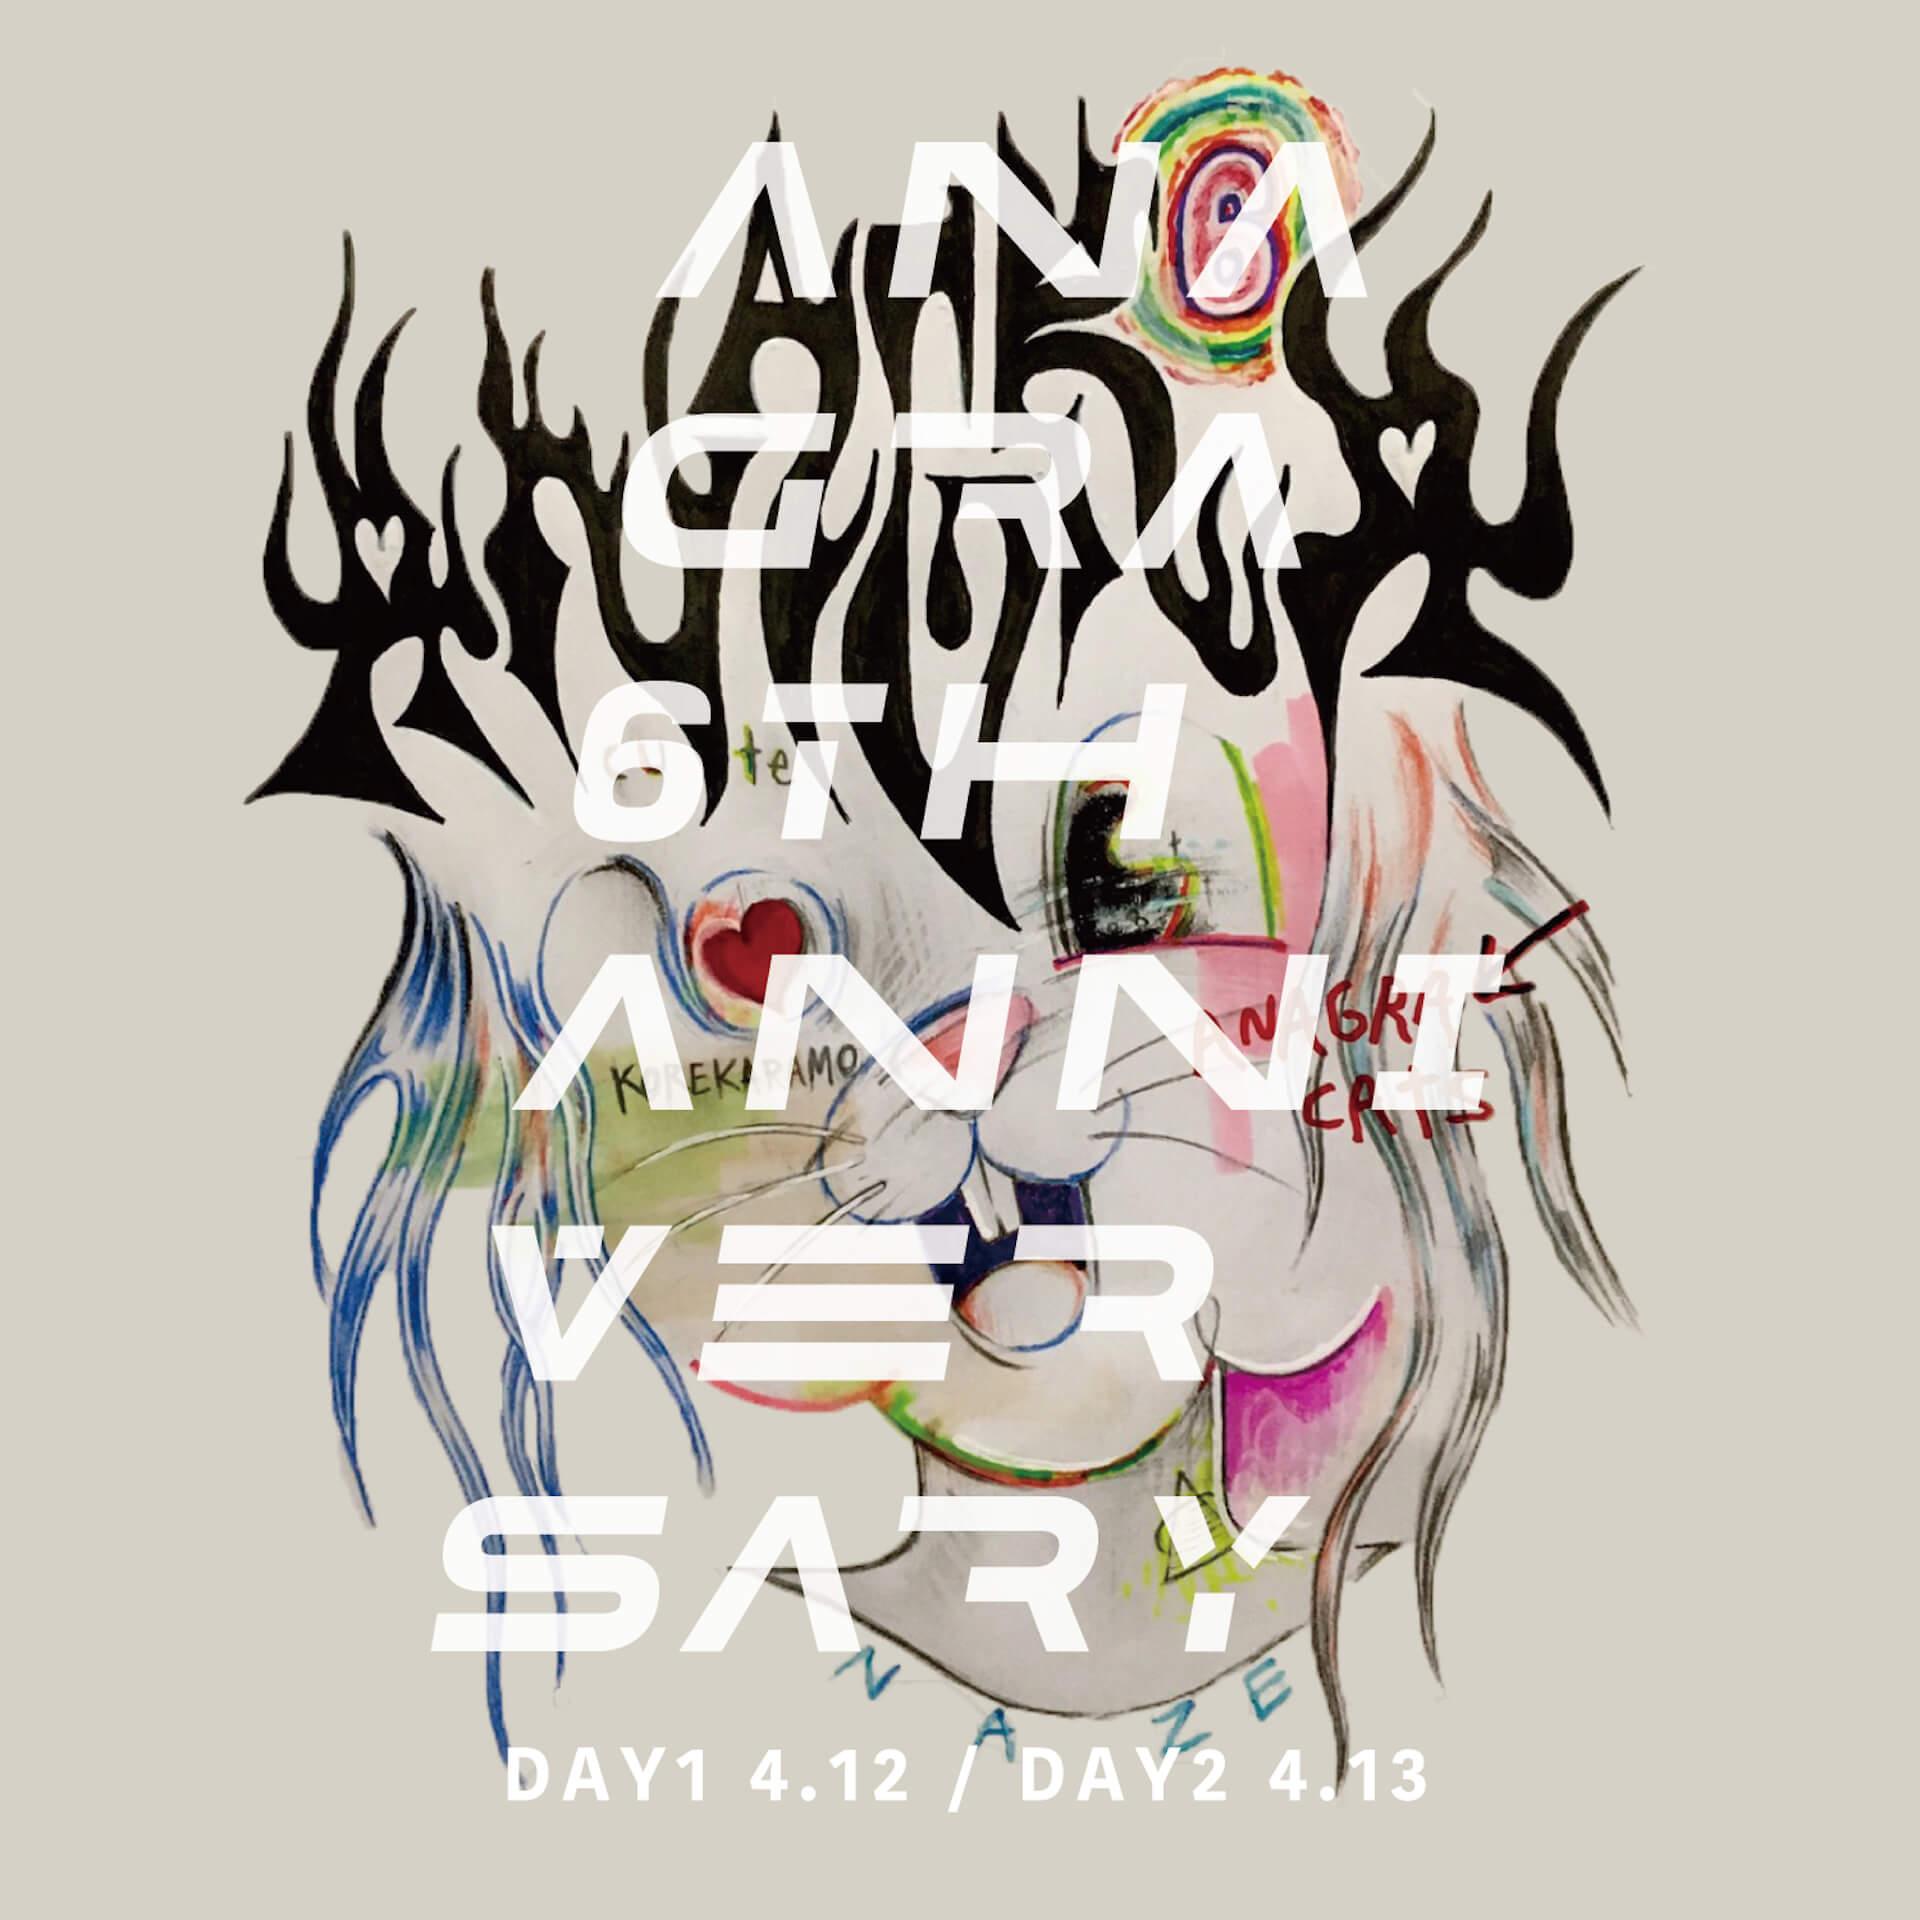 ANAGRAが6周年アニバーサリーで目にも耳にも心にも刺激的な2日間をお届け art-culture190401-anagra-6